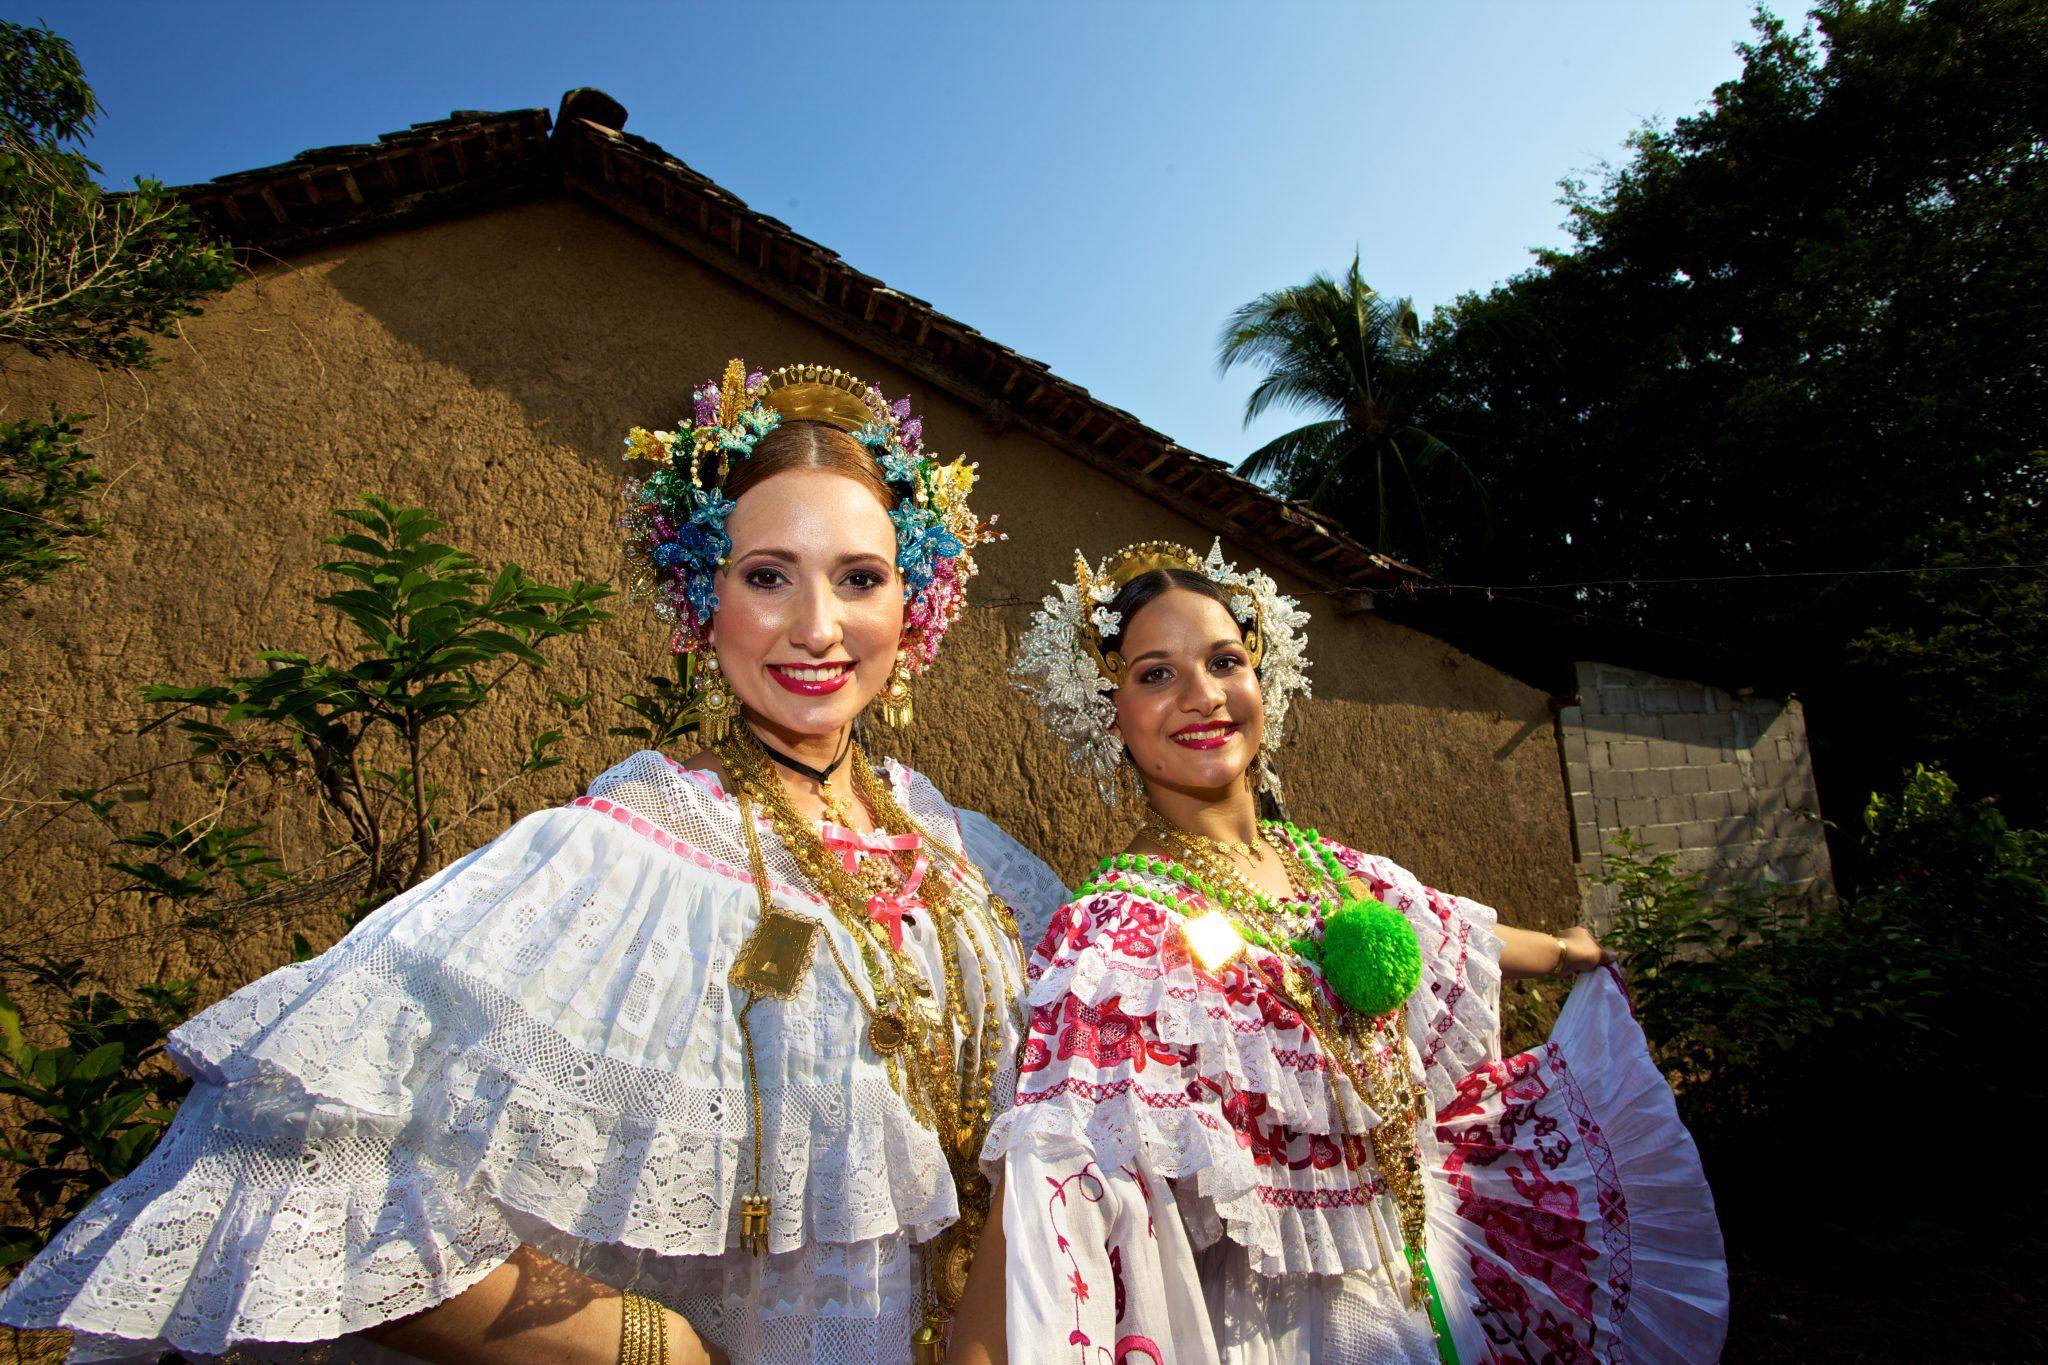 Panama_Frauen in Tracht_Reisen